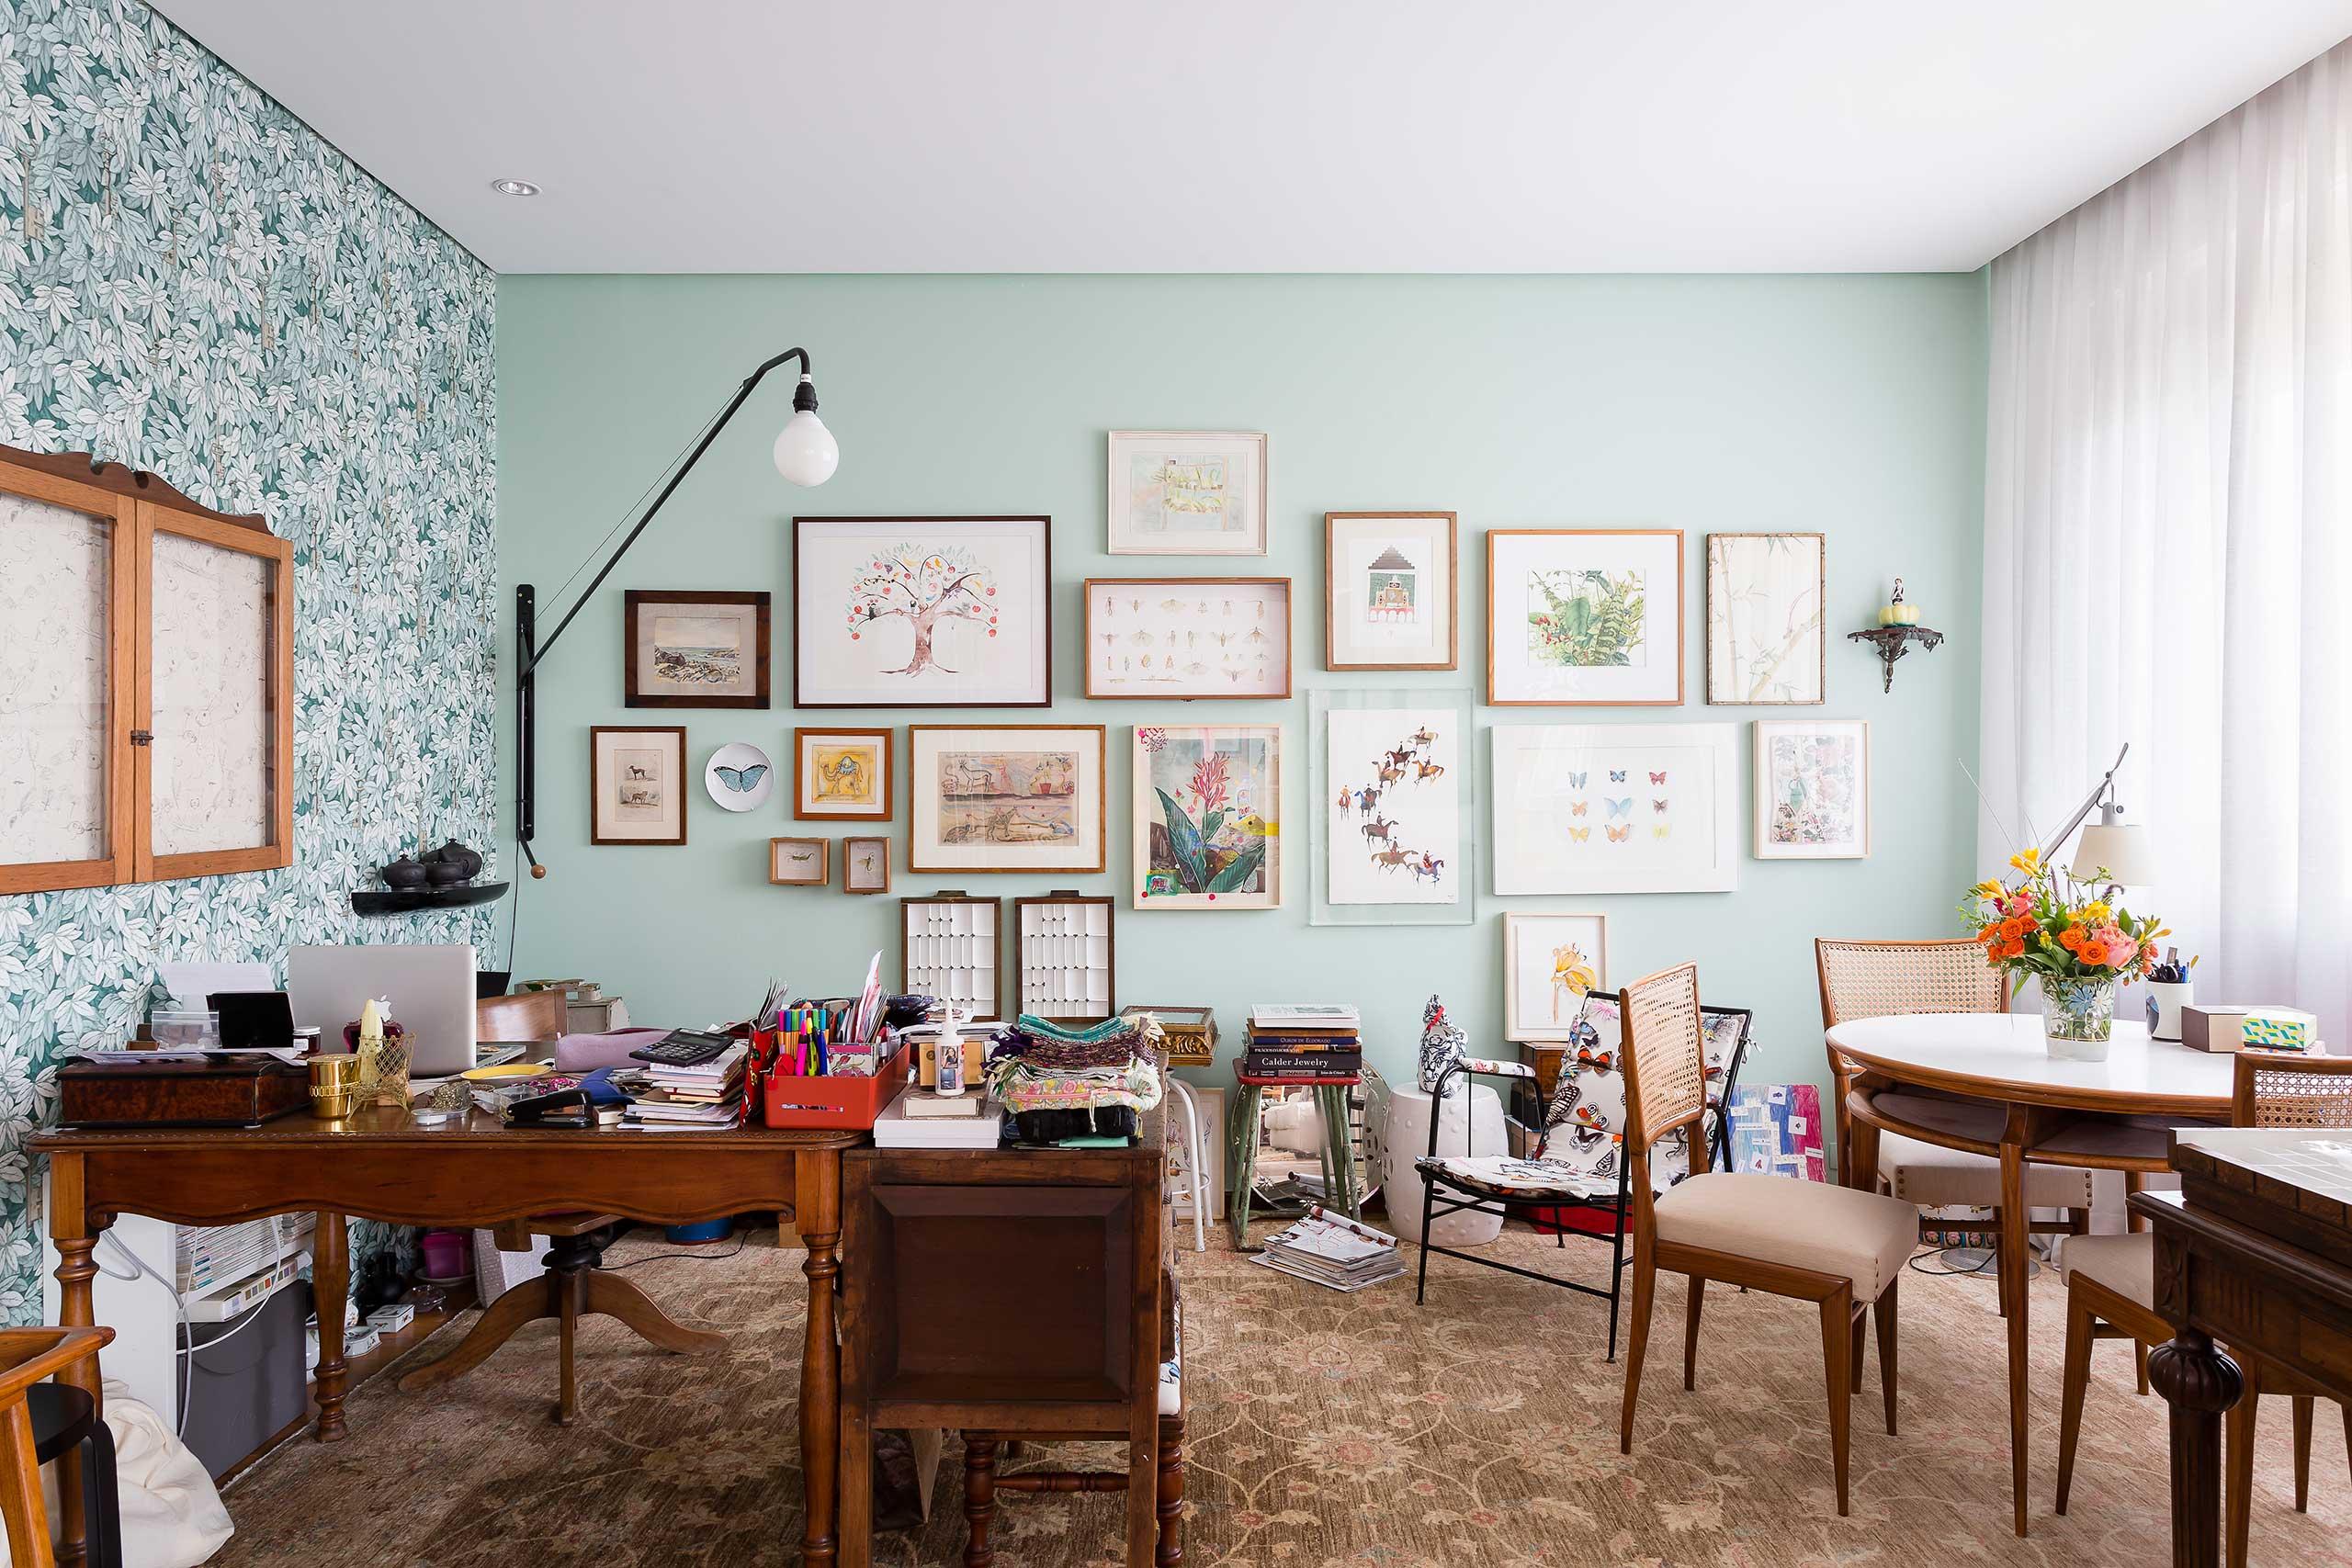 Дизайн обоев для однокомнатной квартиры цветочных